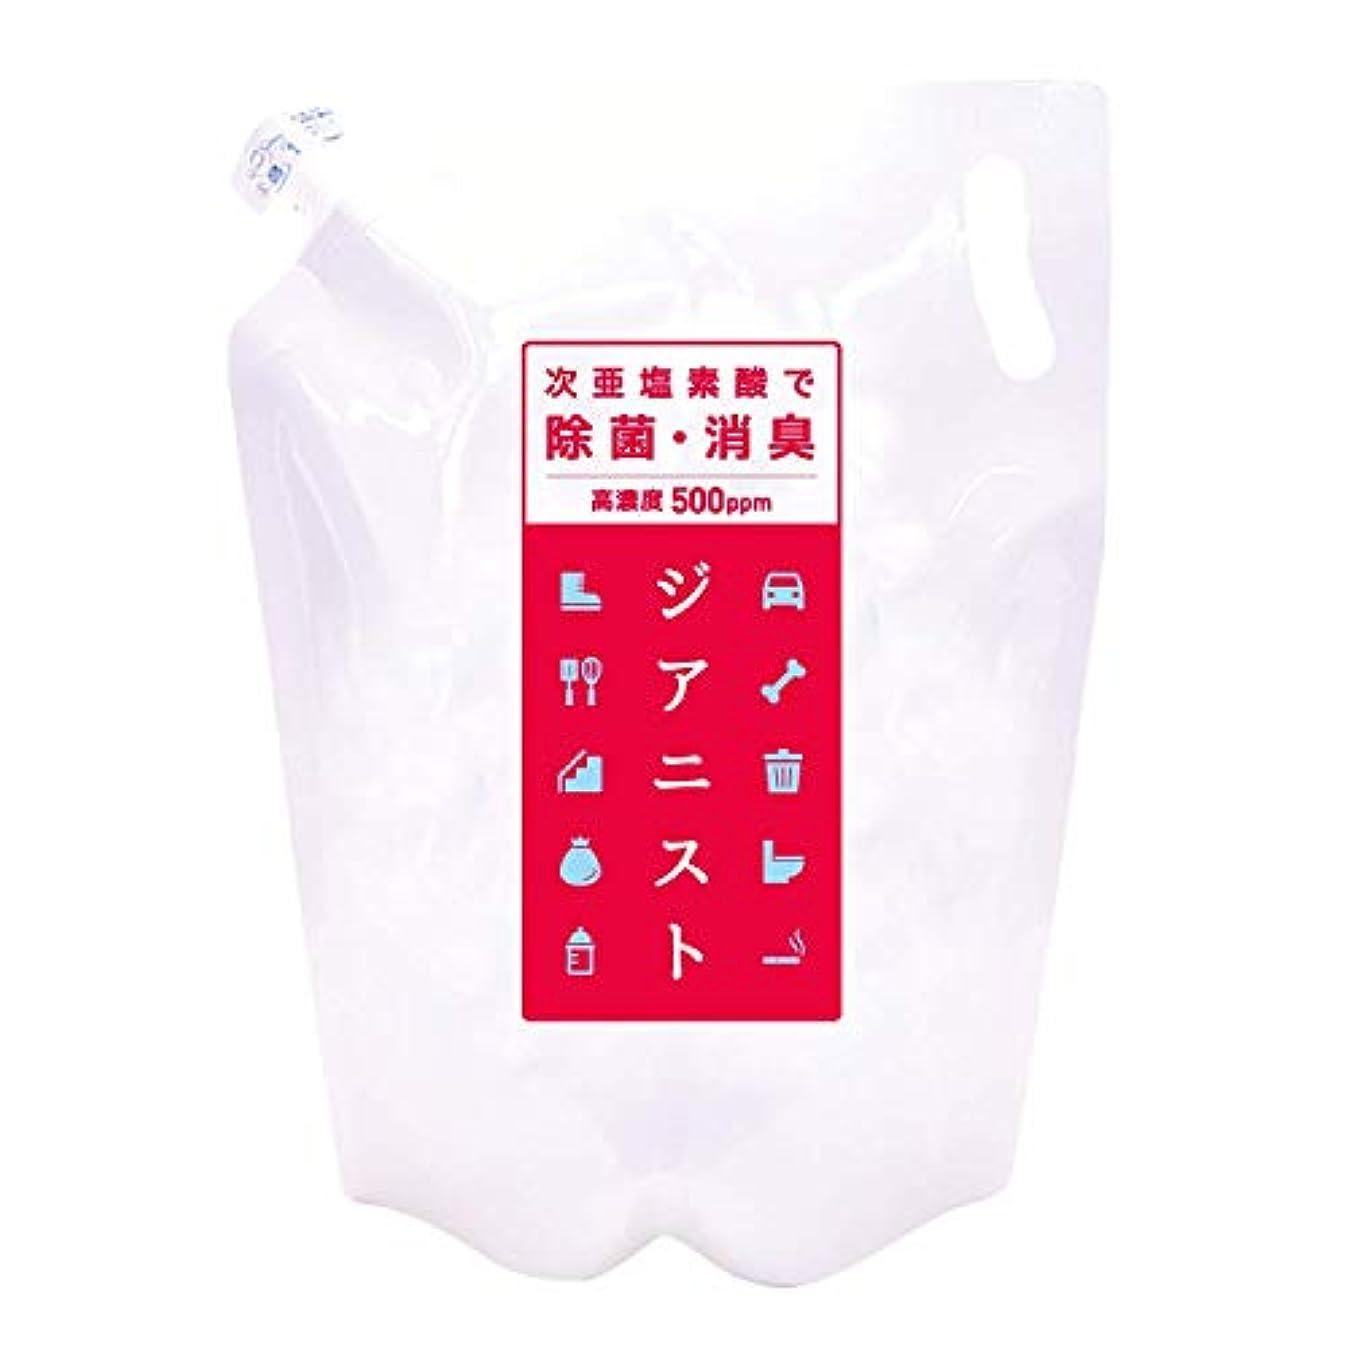 適切なメタリック結核大容量 2500mL ジアニスト 次亜塩素酸 高濃度 500ppm 除菌 消臭